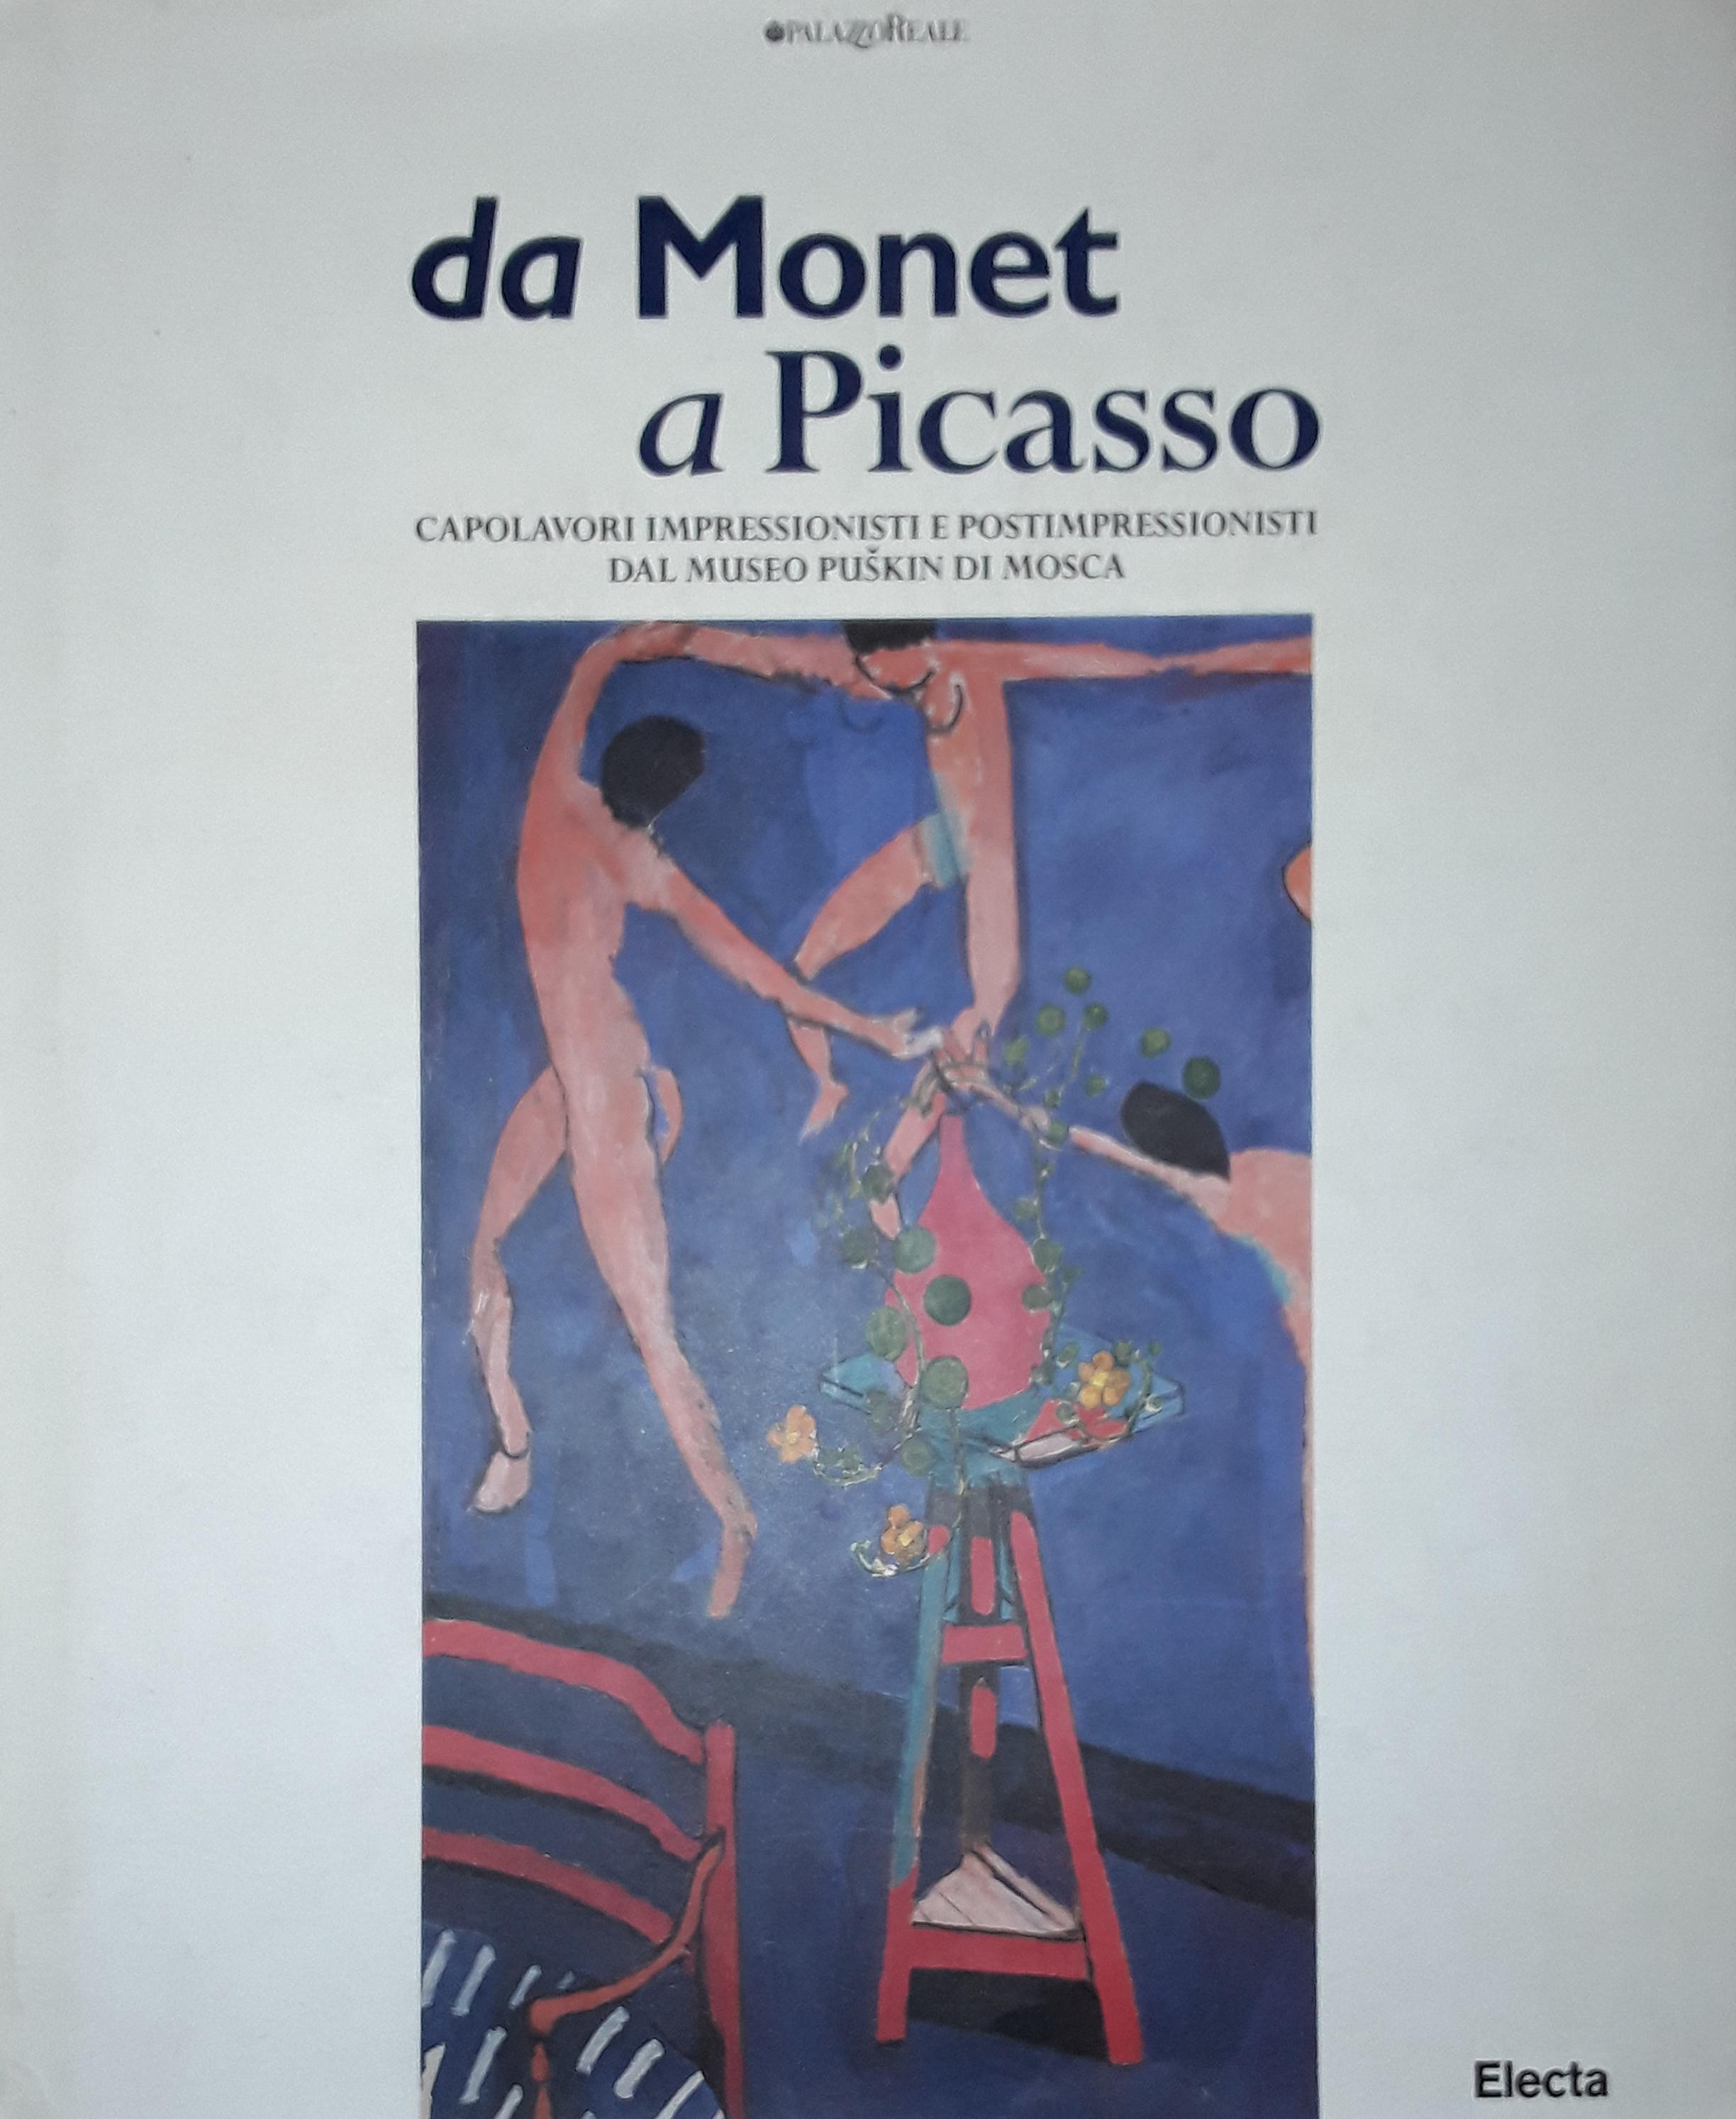 Da Monet a Picasso